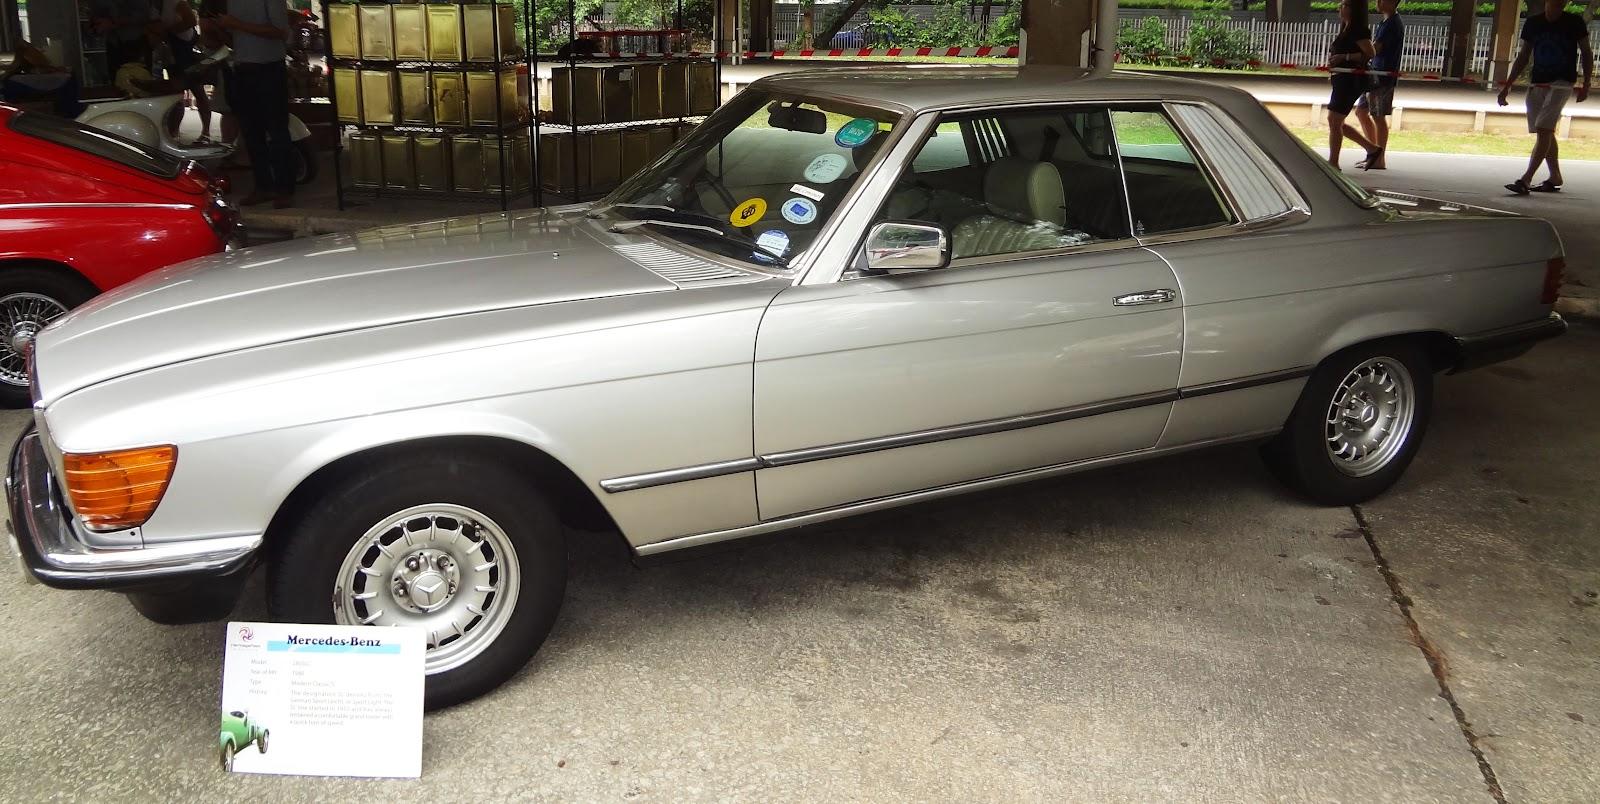 e21s nice cars 1980 mercedes 280 slc. Black Bedroom Furniture Sets. Home Design Ideas